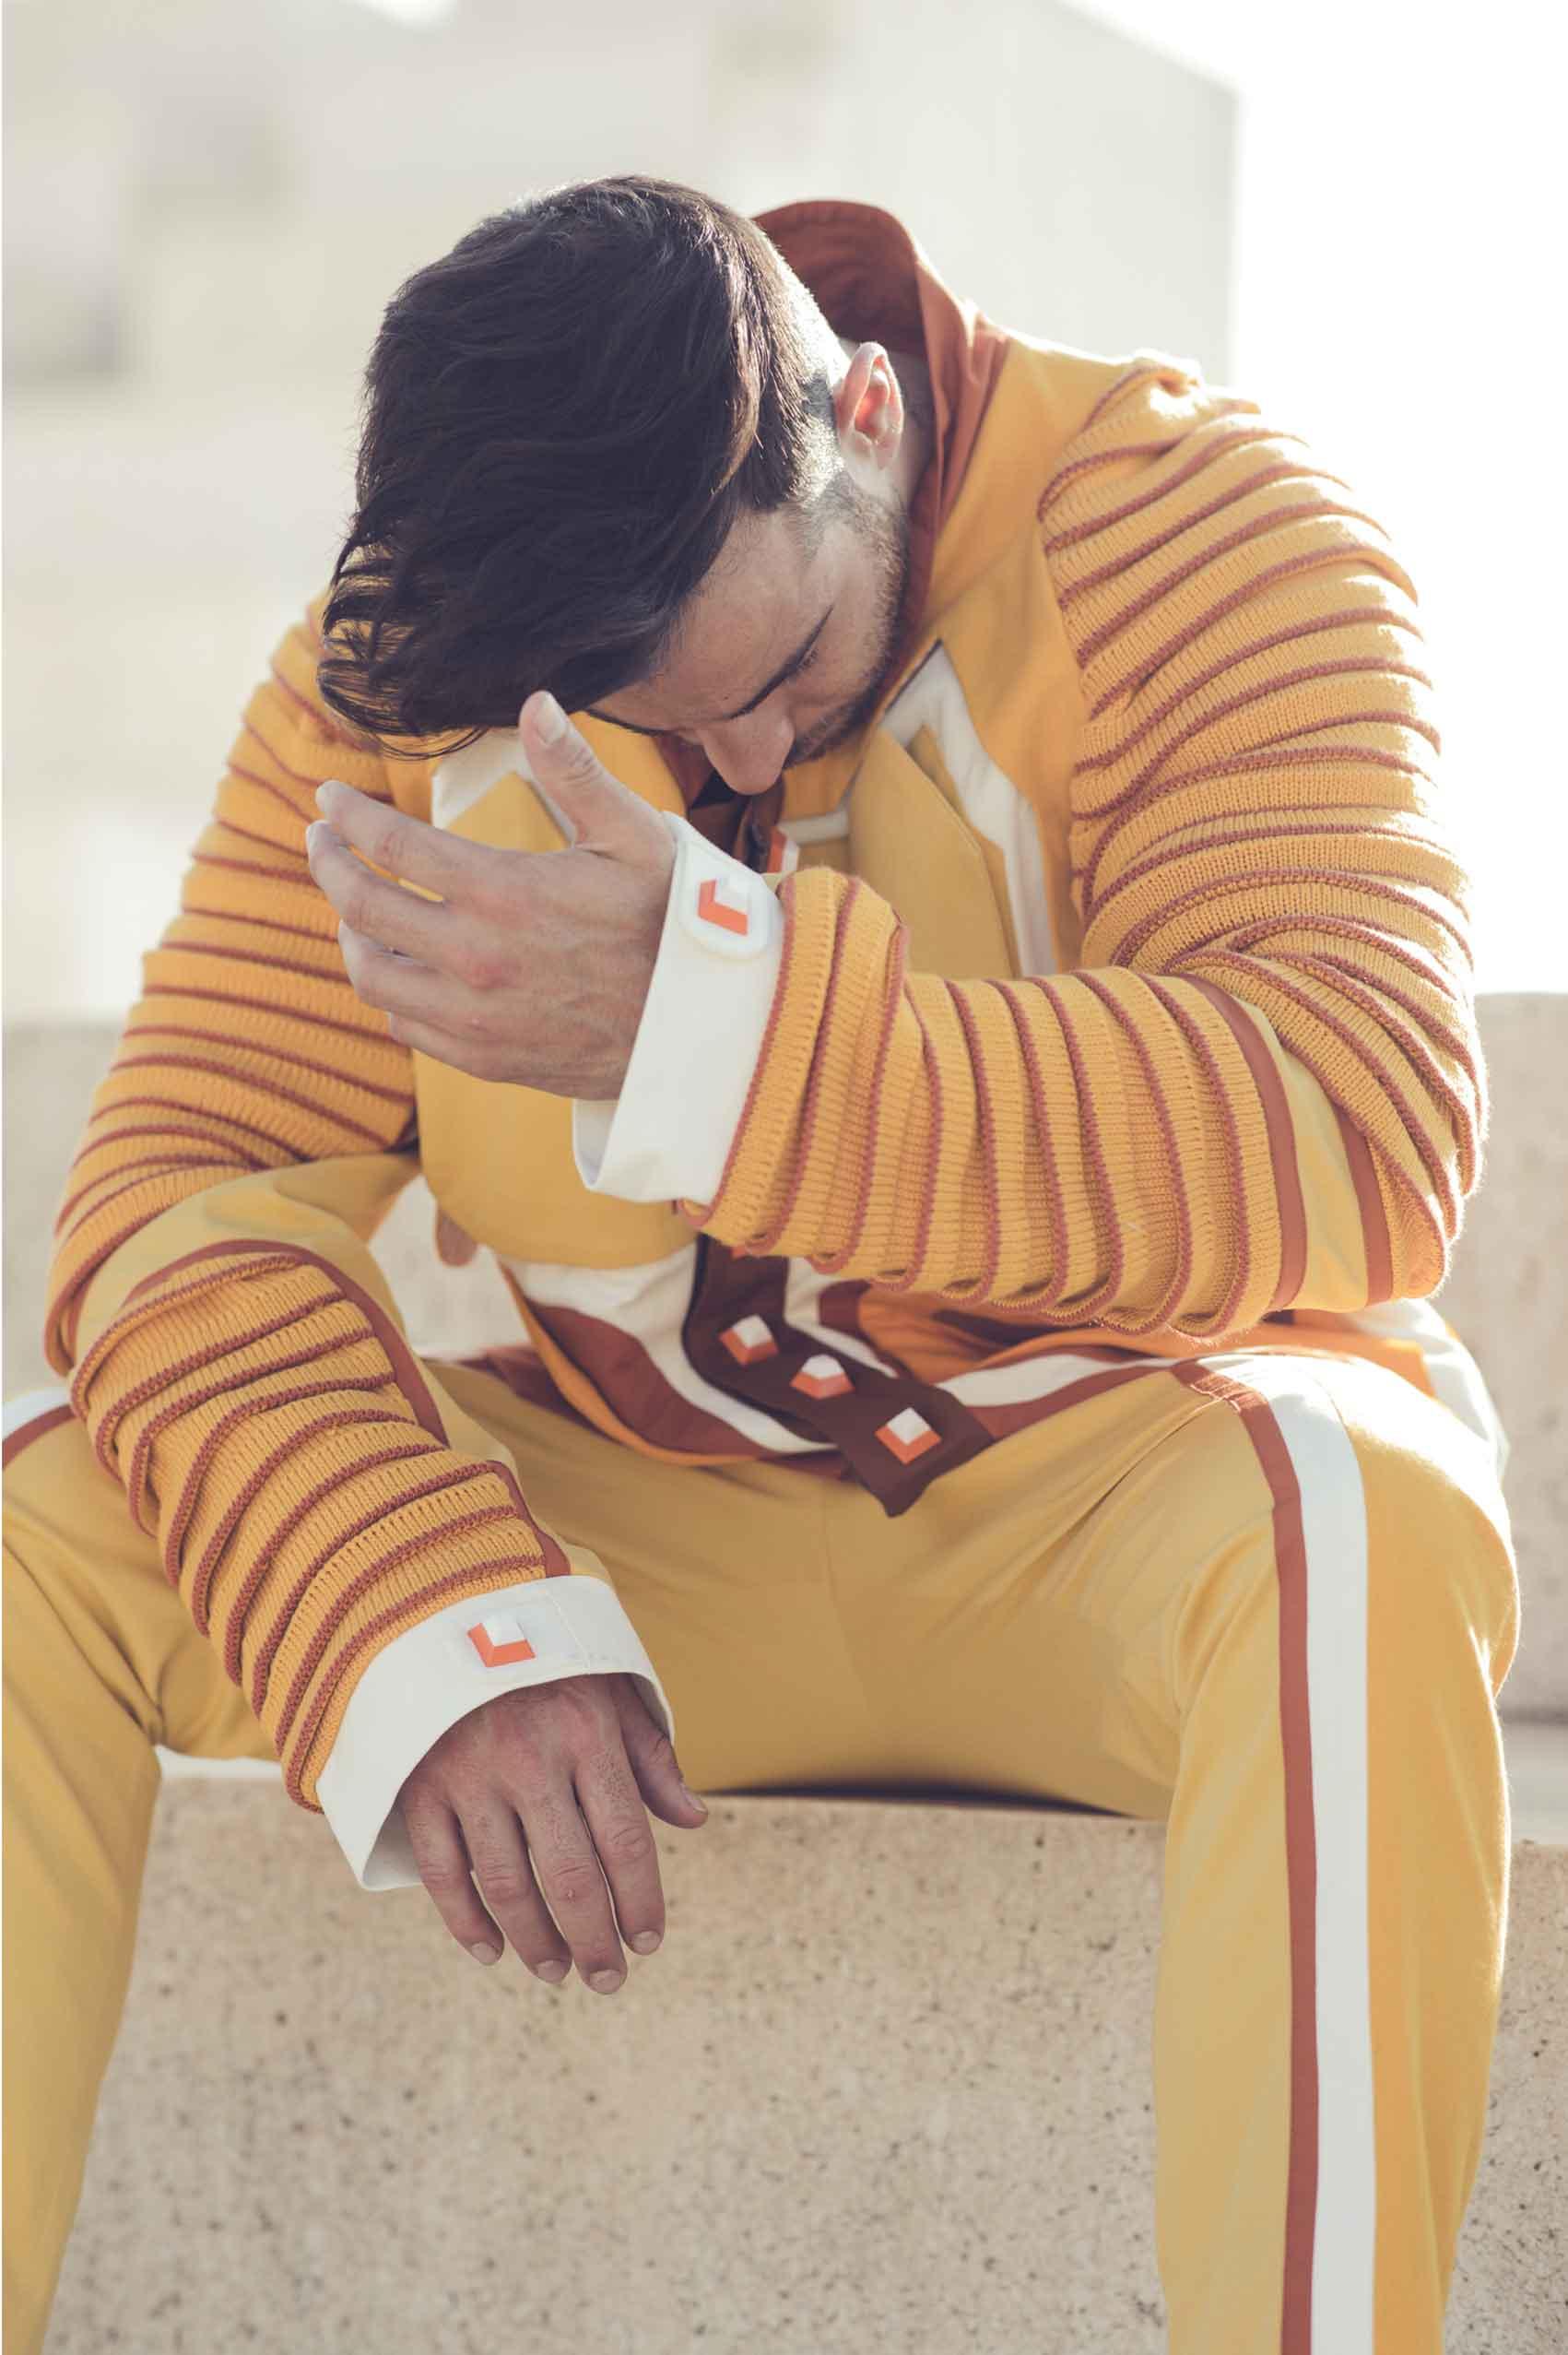 אייל ברקובר - Eyal Berkover, צילום: חן לוי - Chen Levi, מעצב אופנה: תומר סטולבוב - Tomer Stolbov-כתבות-אופנה